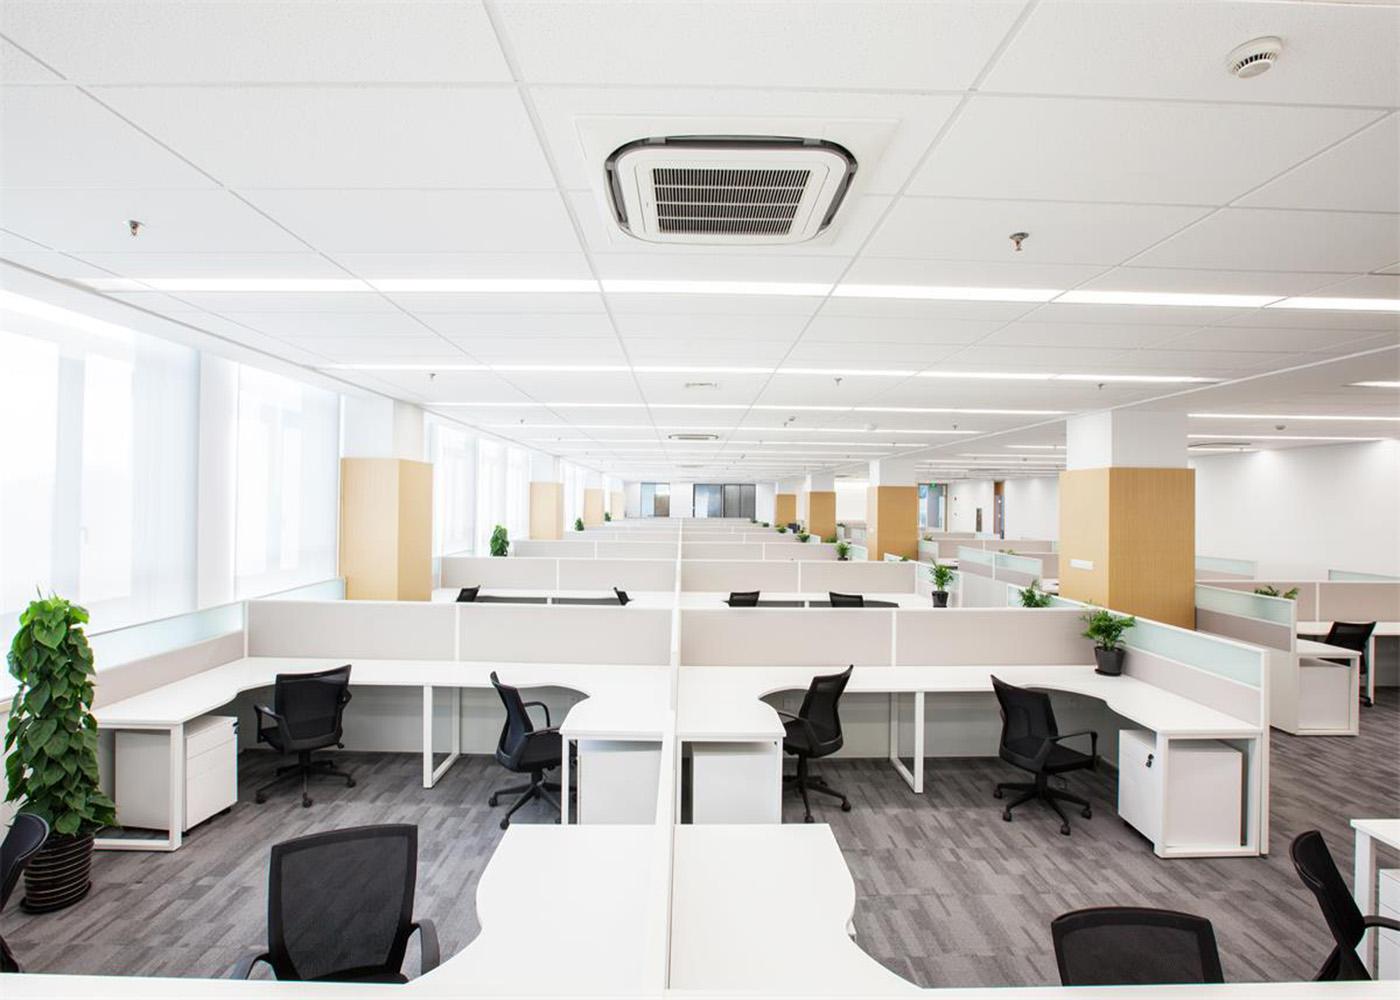 格莱特办公桌C02,上海办公桌【尺寸 价格 图片 品牌】